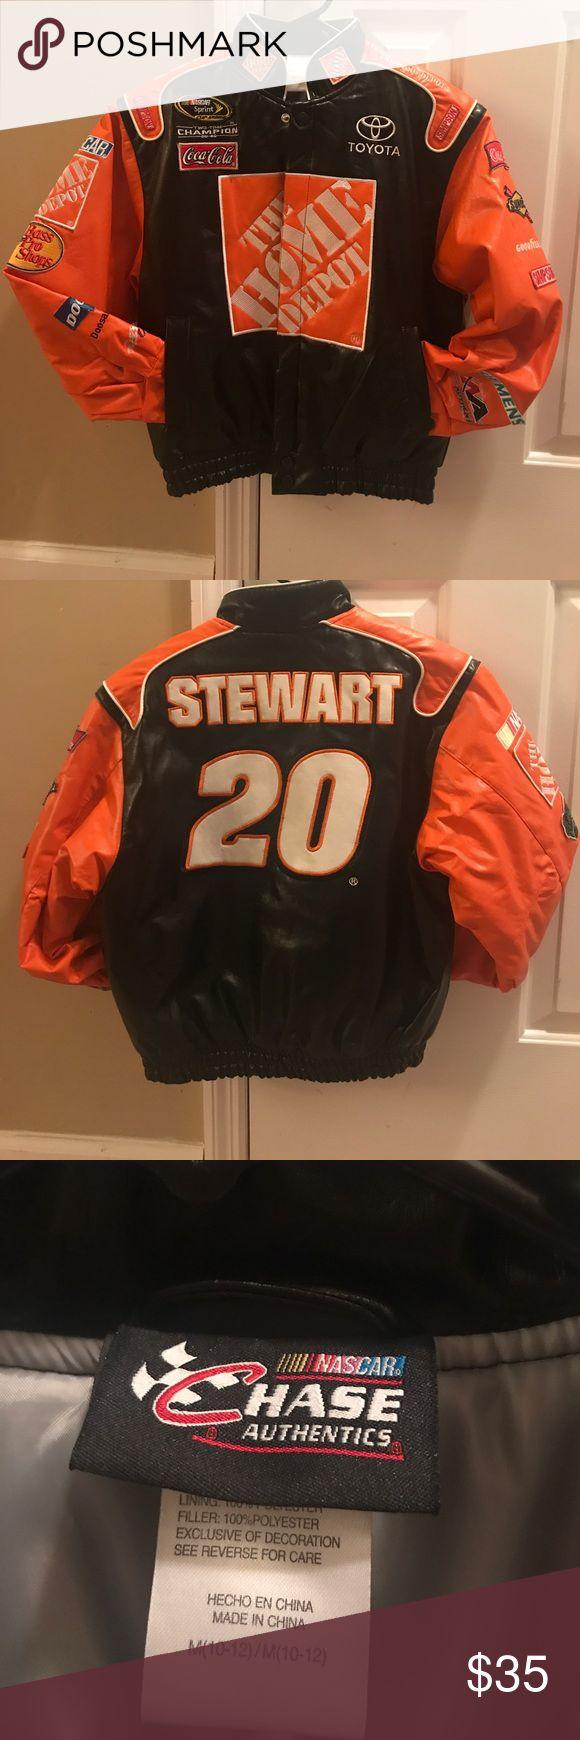 Kids NASCAR Jacket Kids nascar jacket size 10-12 never worn chase authentics Jackets & Coats Puffers